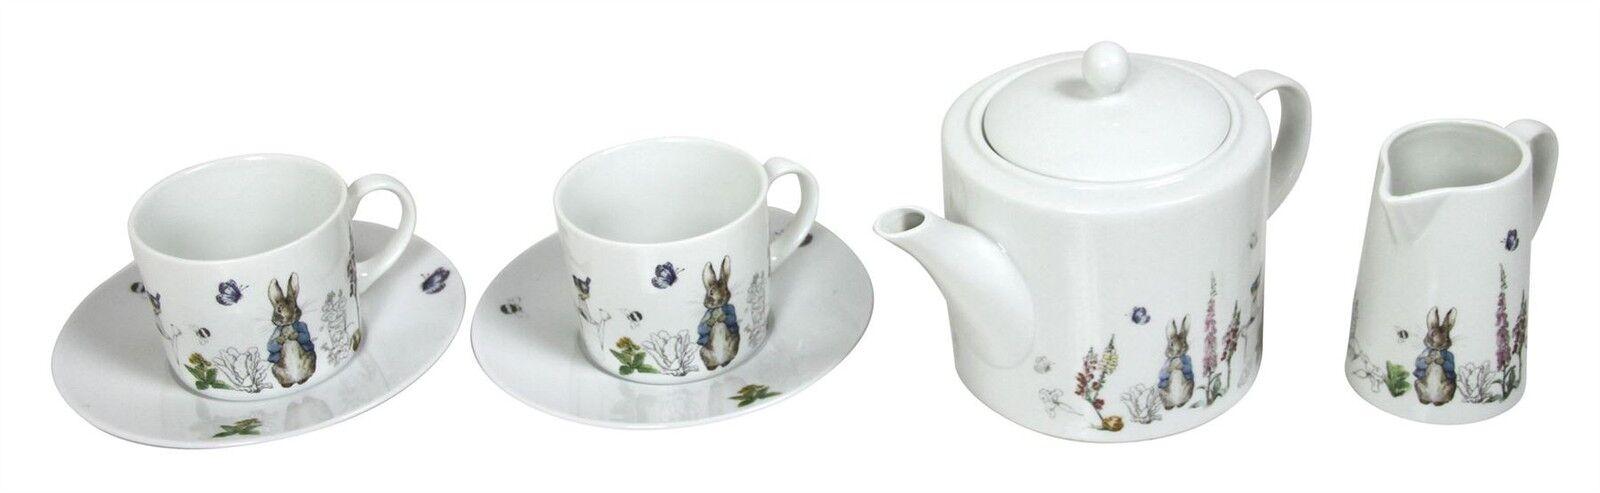 Beatrix Potter Peter Peter Peter Rabbit blau grau Porzellan Teetassen Untertassen       Öffnen Sie das Interesse und die Innovation Ihres Kindes, aber auch die Unschuld von Kindern, kindlich, glücklich  11a3a8